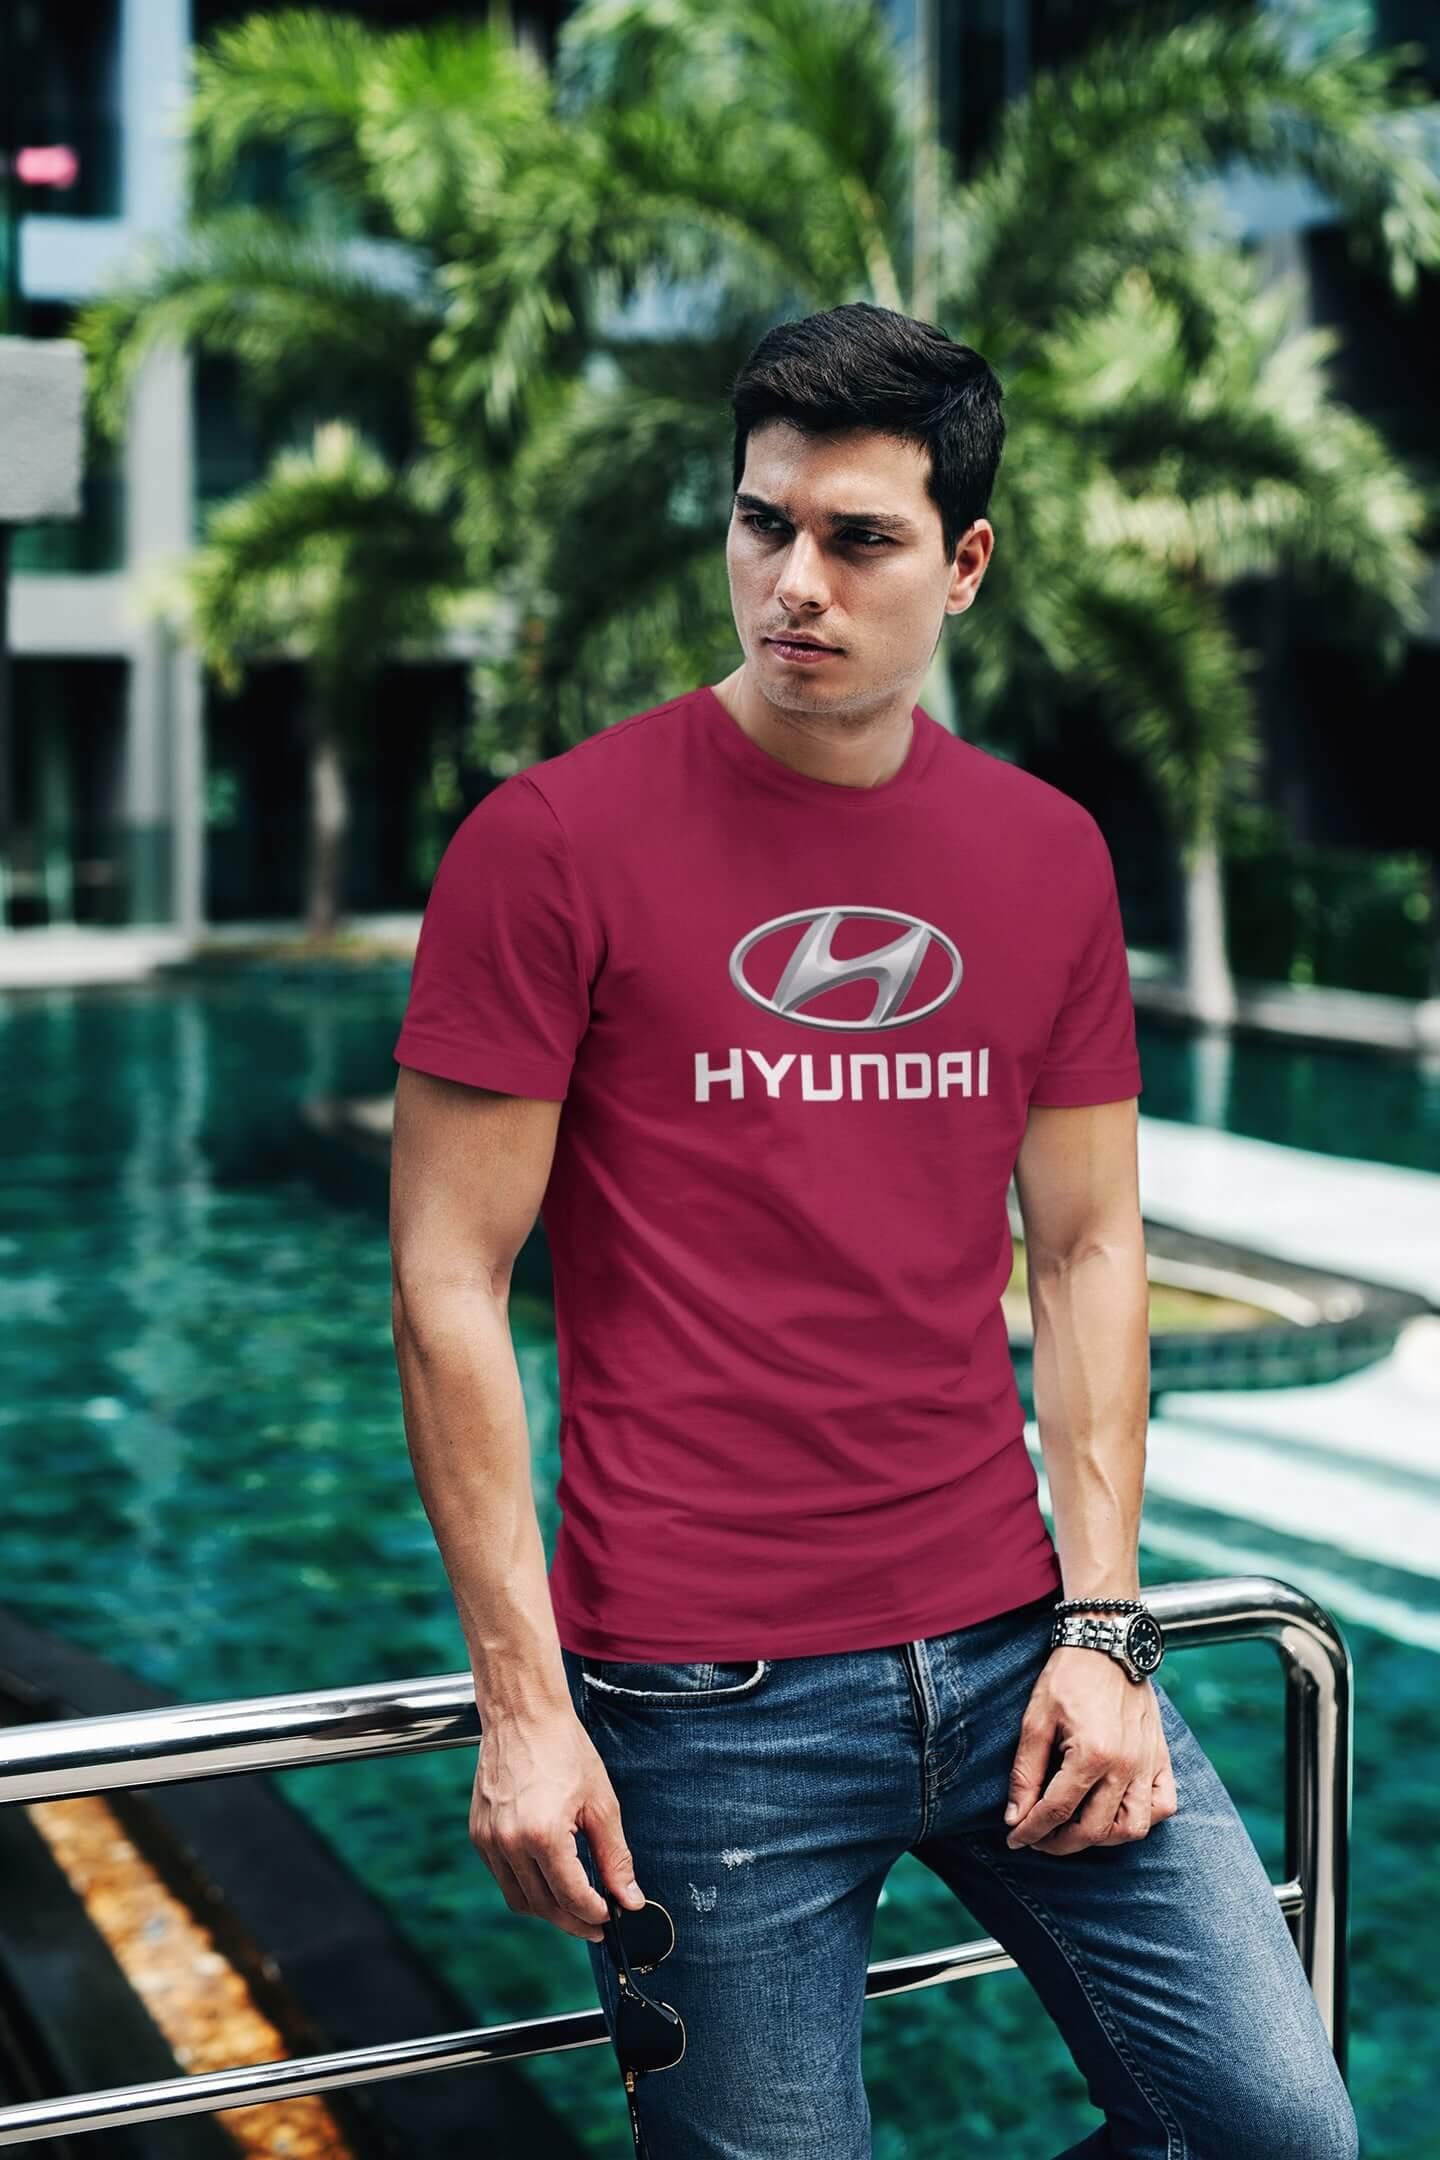 MMO Tričko s logom auta Hyundai Vyberte farbu: Marlboro červená, Vyberte veľkosť: XL